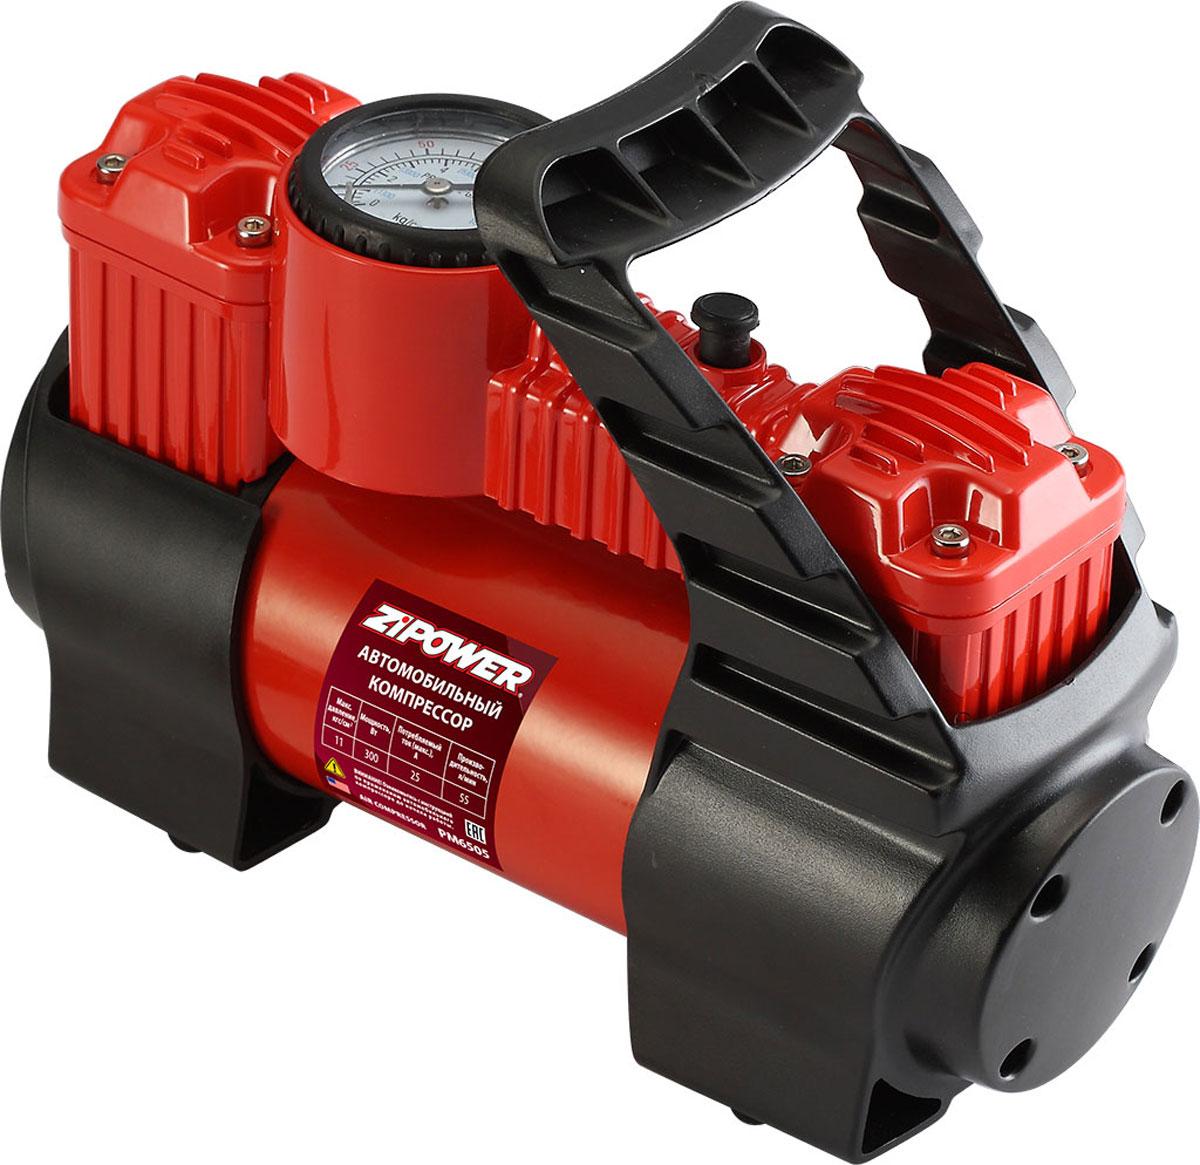 Компрессор автомобильный Zipower, с манометром. PM 6505